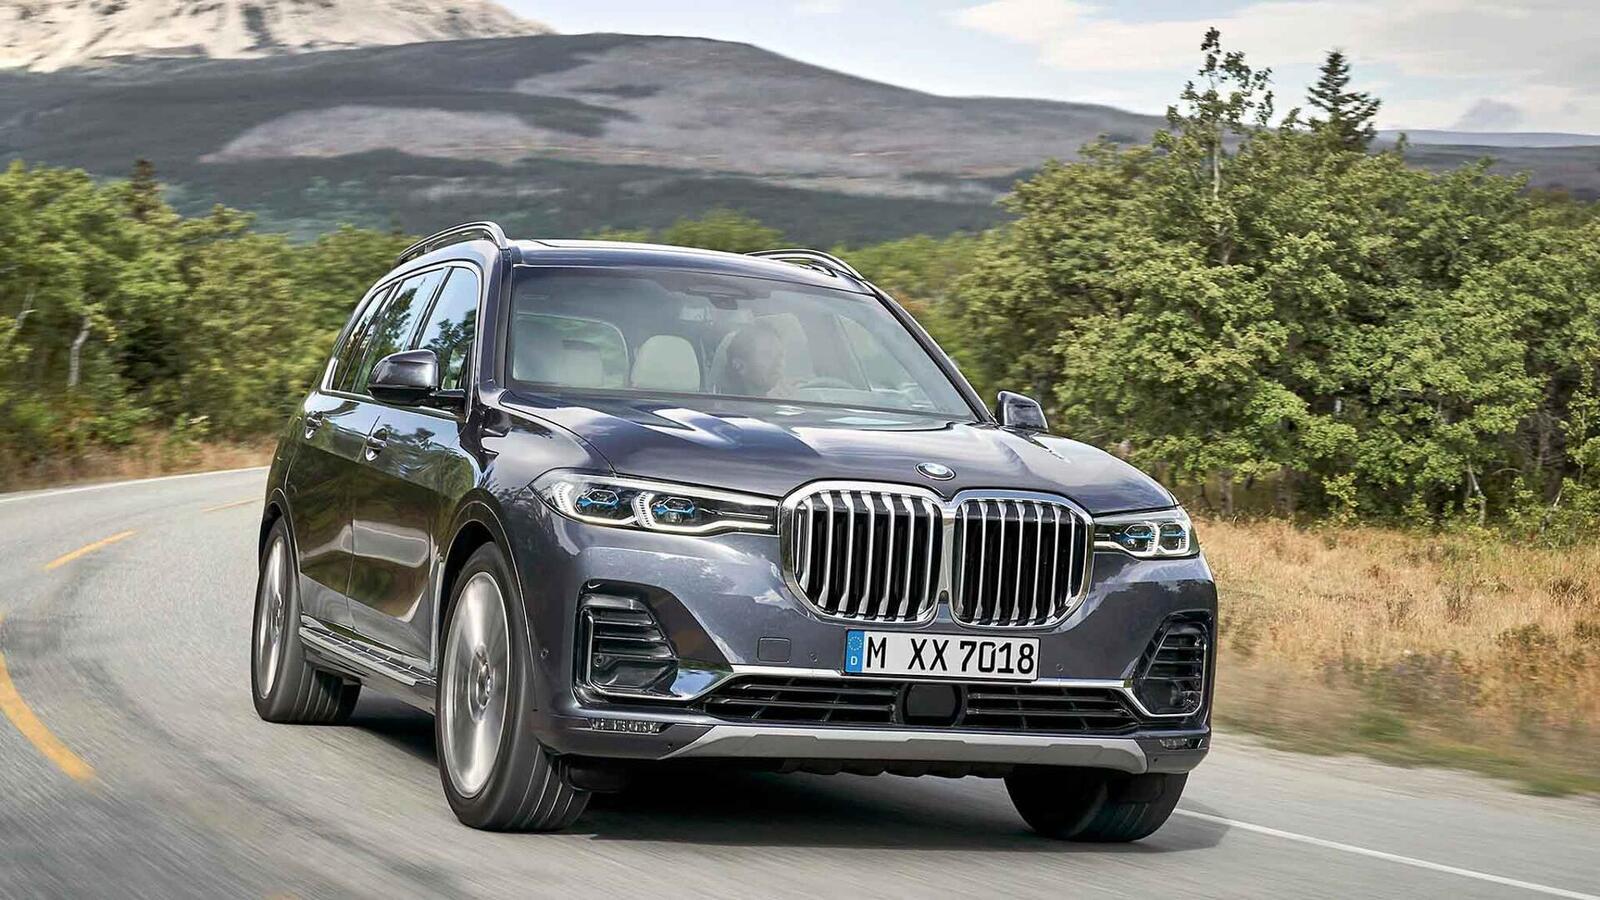 BMW X7 sắp bán tại Thái Lan; bản máy dầu M50d có giá 6,5 tỷ đồng - Hình 1